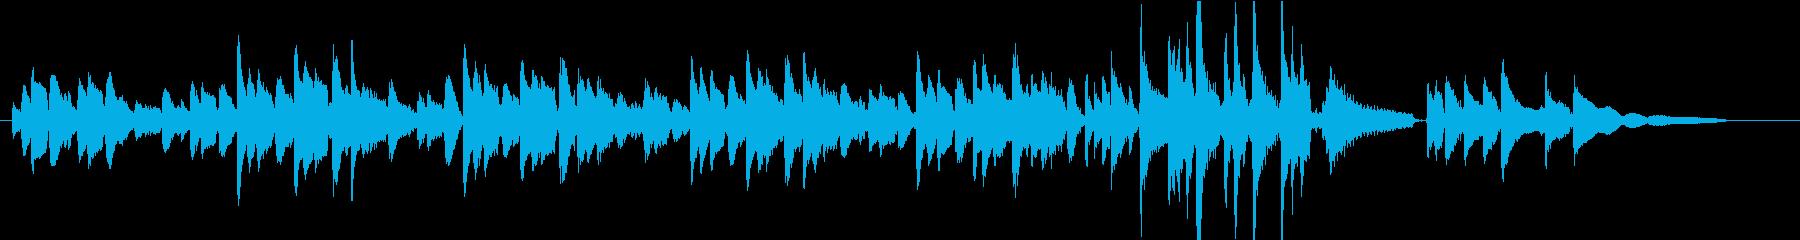 爽やかなギター、23秒あたりに盛り上がるの再生済みの波形